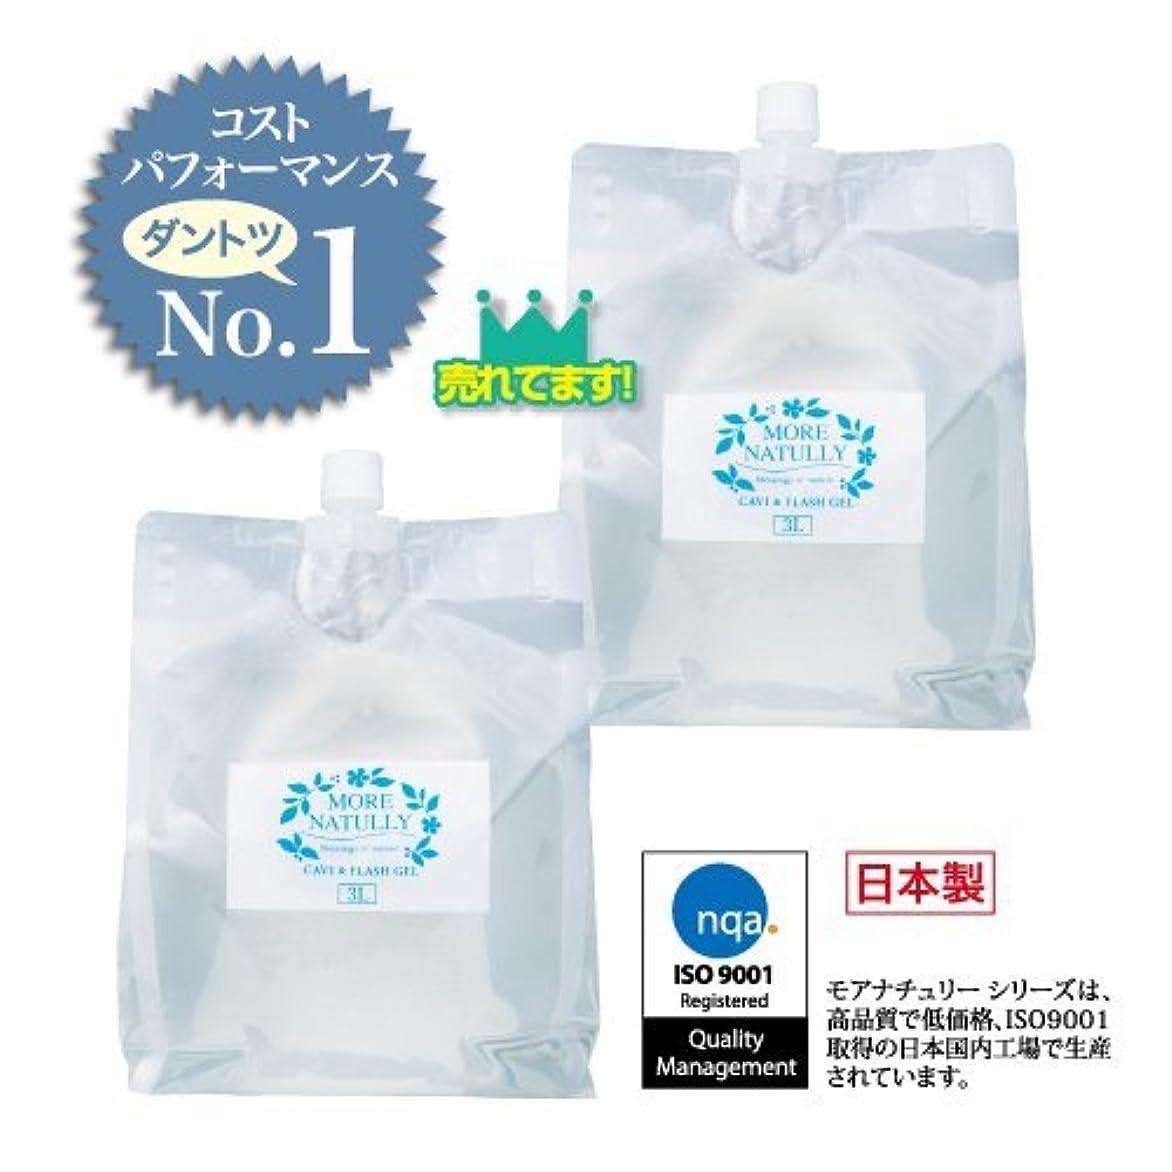 ジェームズダイソンお茶タックルモアナチュリー キャビ&フラッシュジェル 【ソフト】3kg×2袋